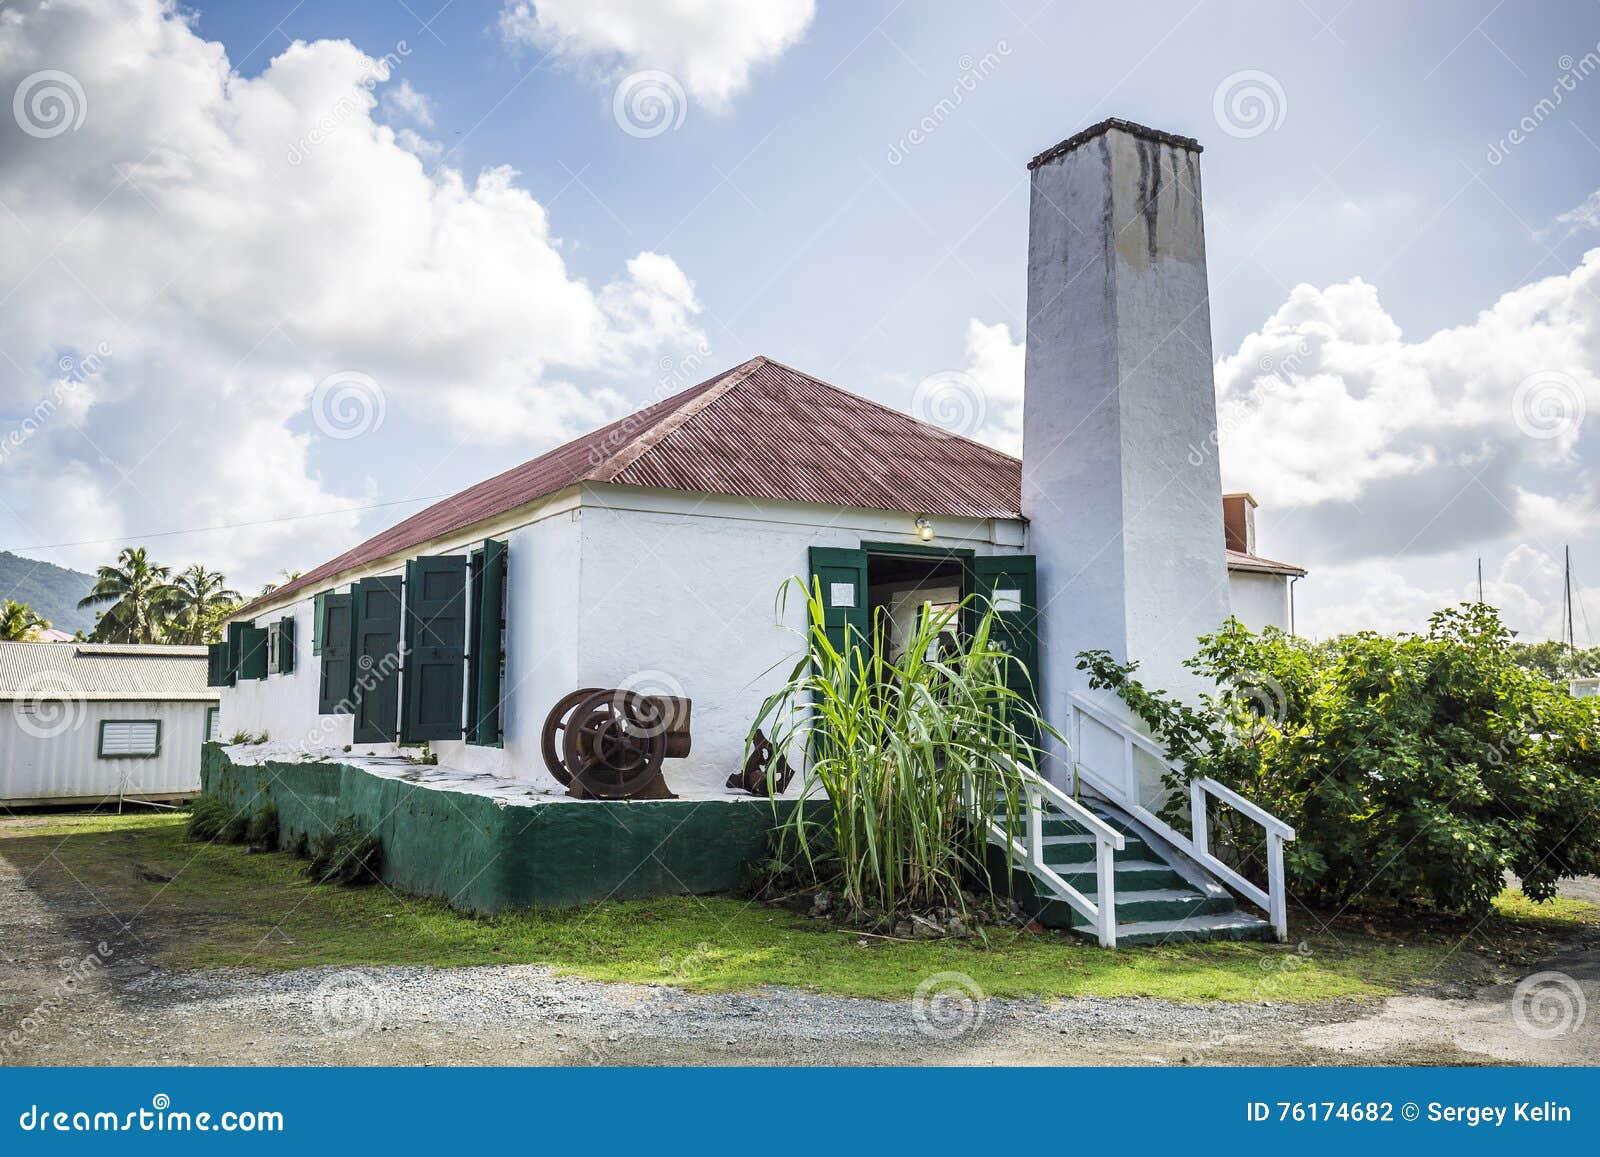 Vecchia azienda agricola dello zucchero nella città della strada, Isole Vergini Britanniche